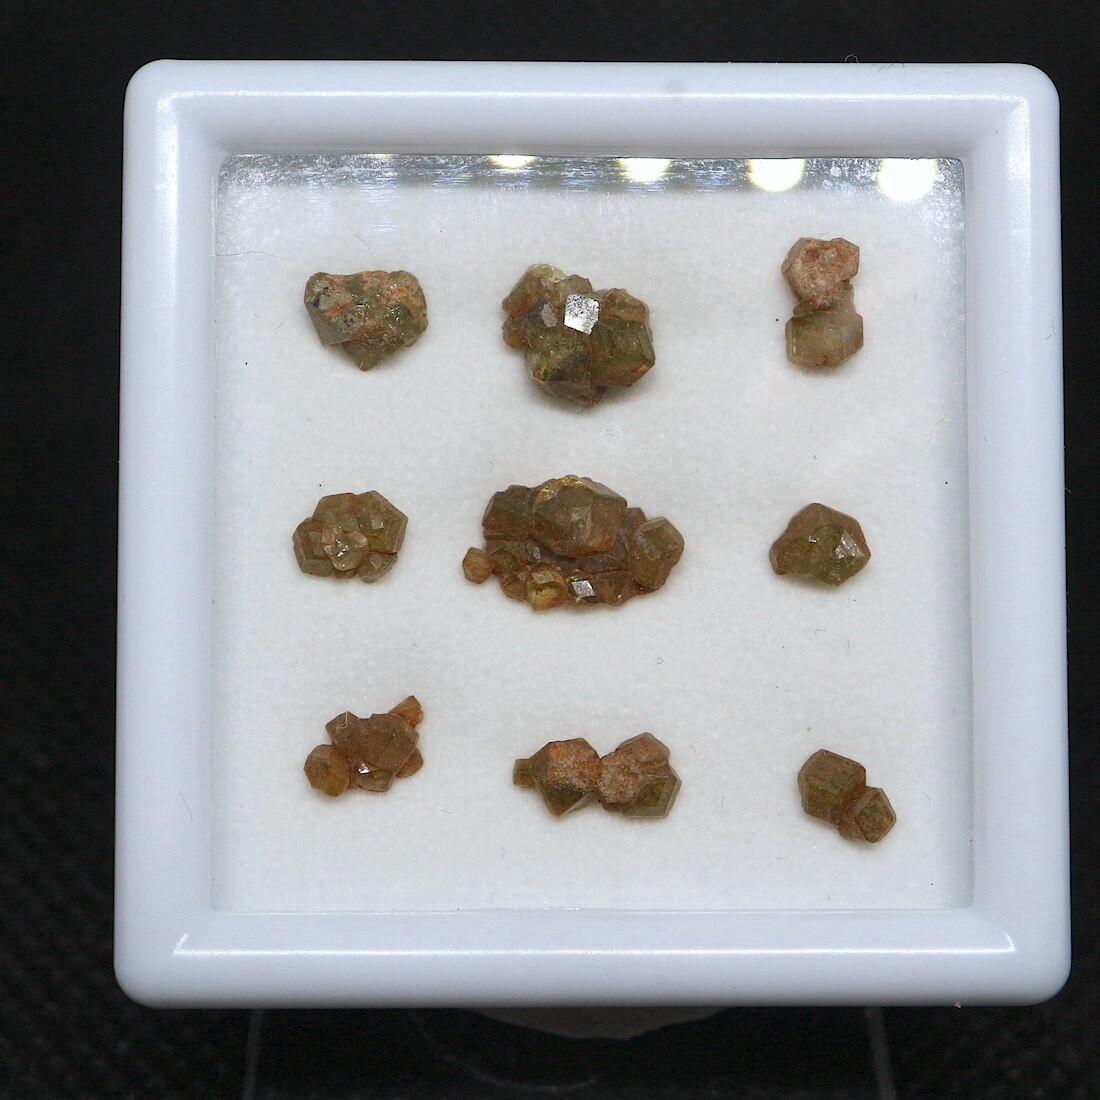 レア!【鉱物標本セット】デマントイド カリフォルニア産 ケース入り スクエア大 #1 AND065 原石 宝石 天然石 鉱物セット